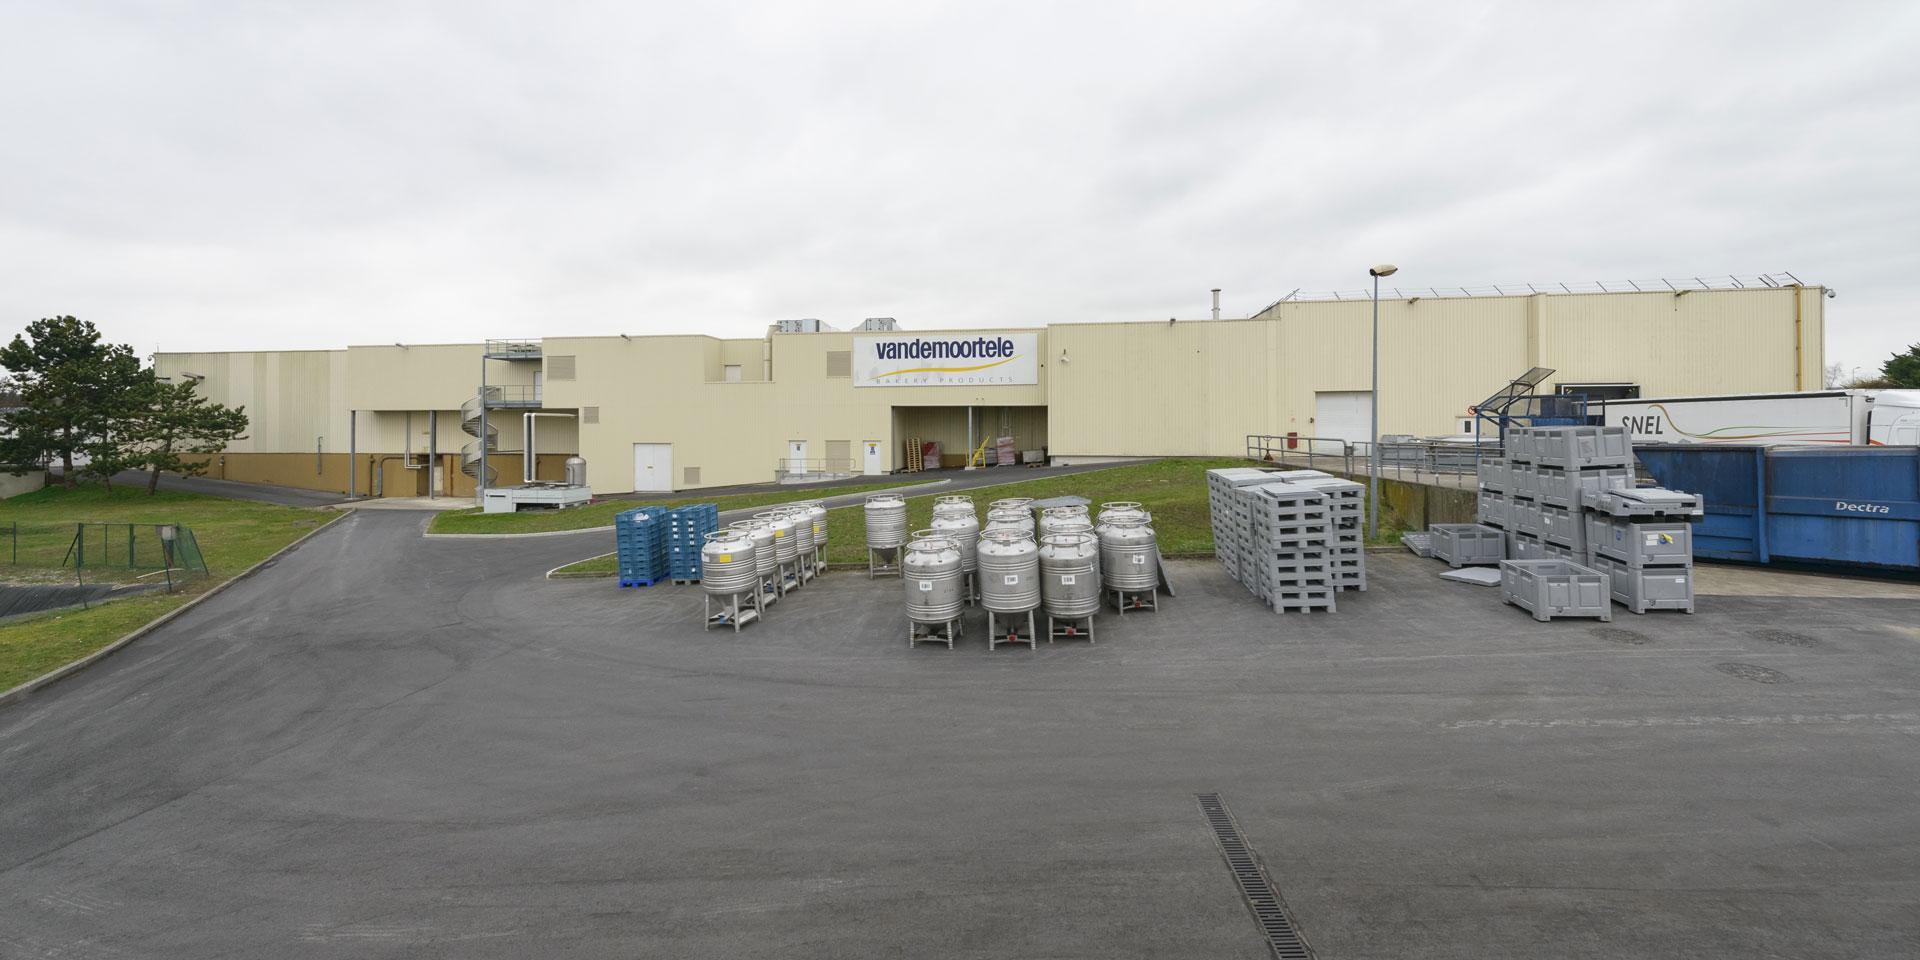 CROUSTIFRANCE 2014 Extension de l'unité de fabrication de viennoiseries